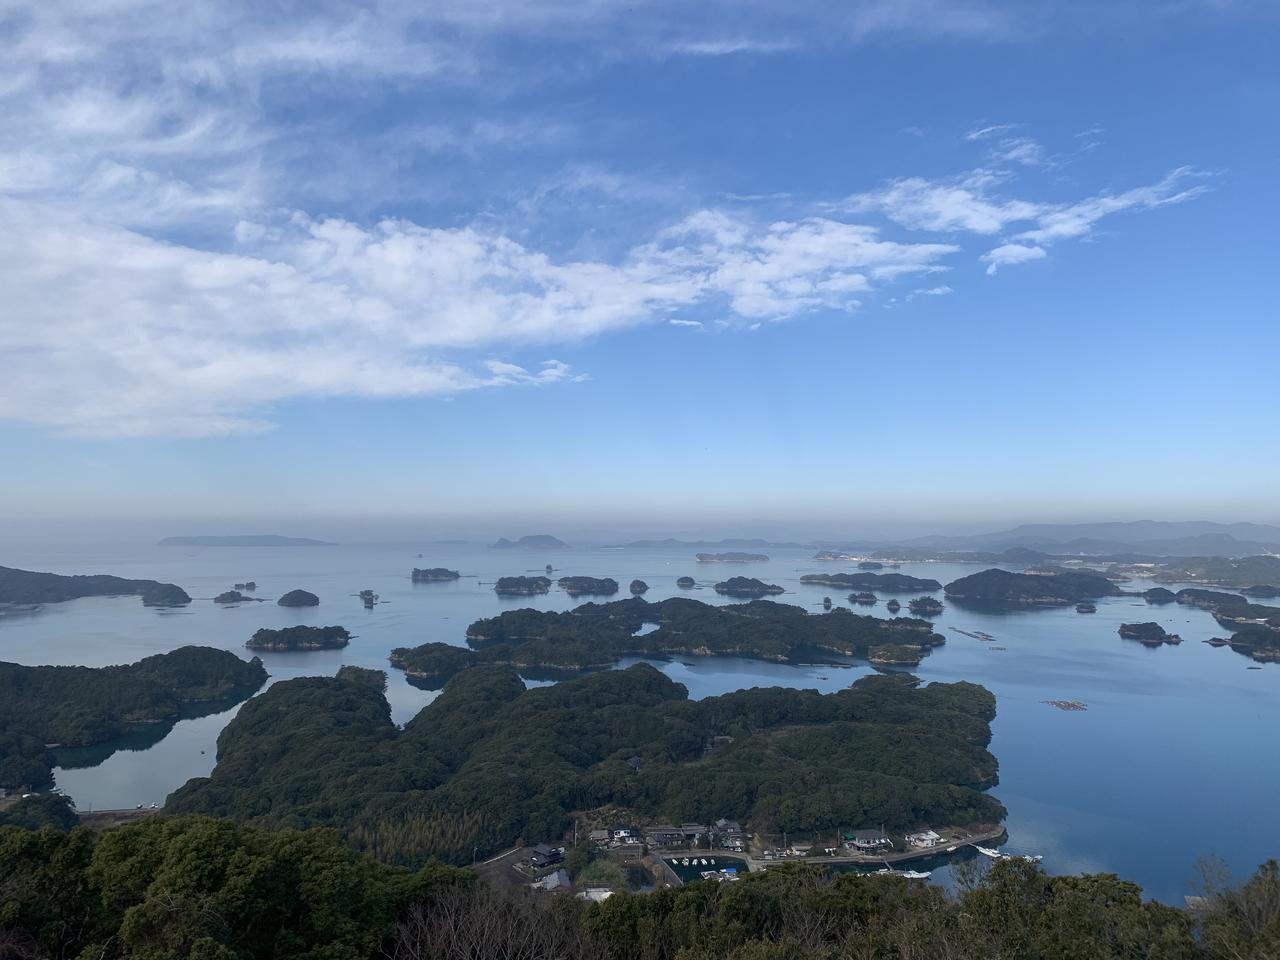 画像: 展海峰から望む九十九島